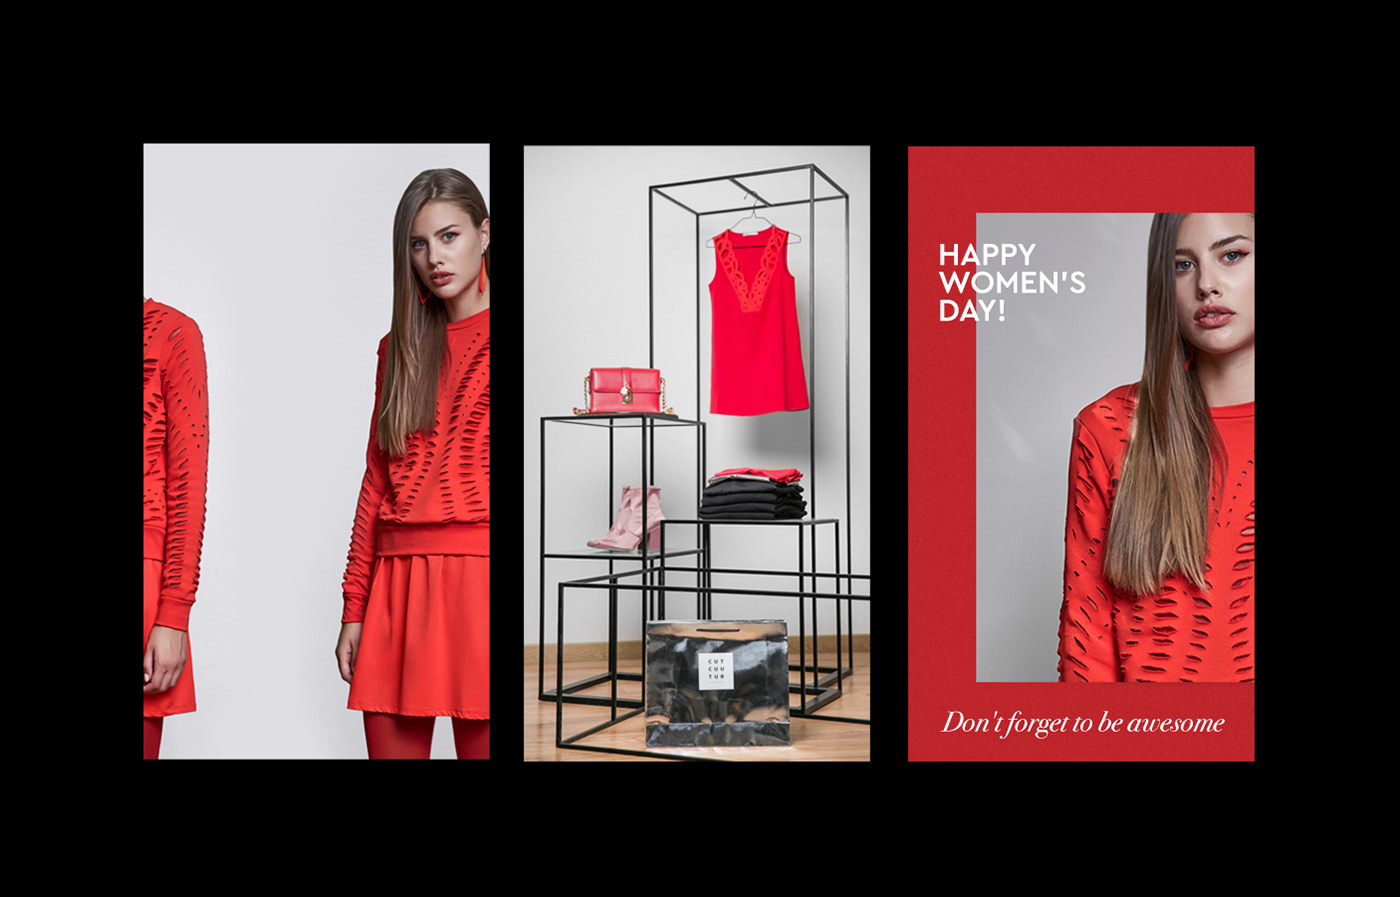 email,apparel,facebook,Fashion ,instagram,models,social,social media,Social Media Design,wear